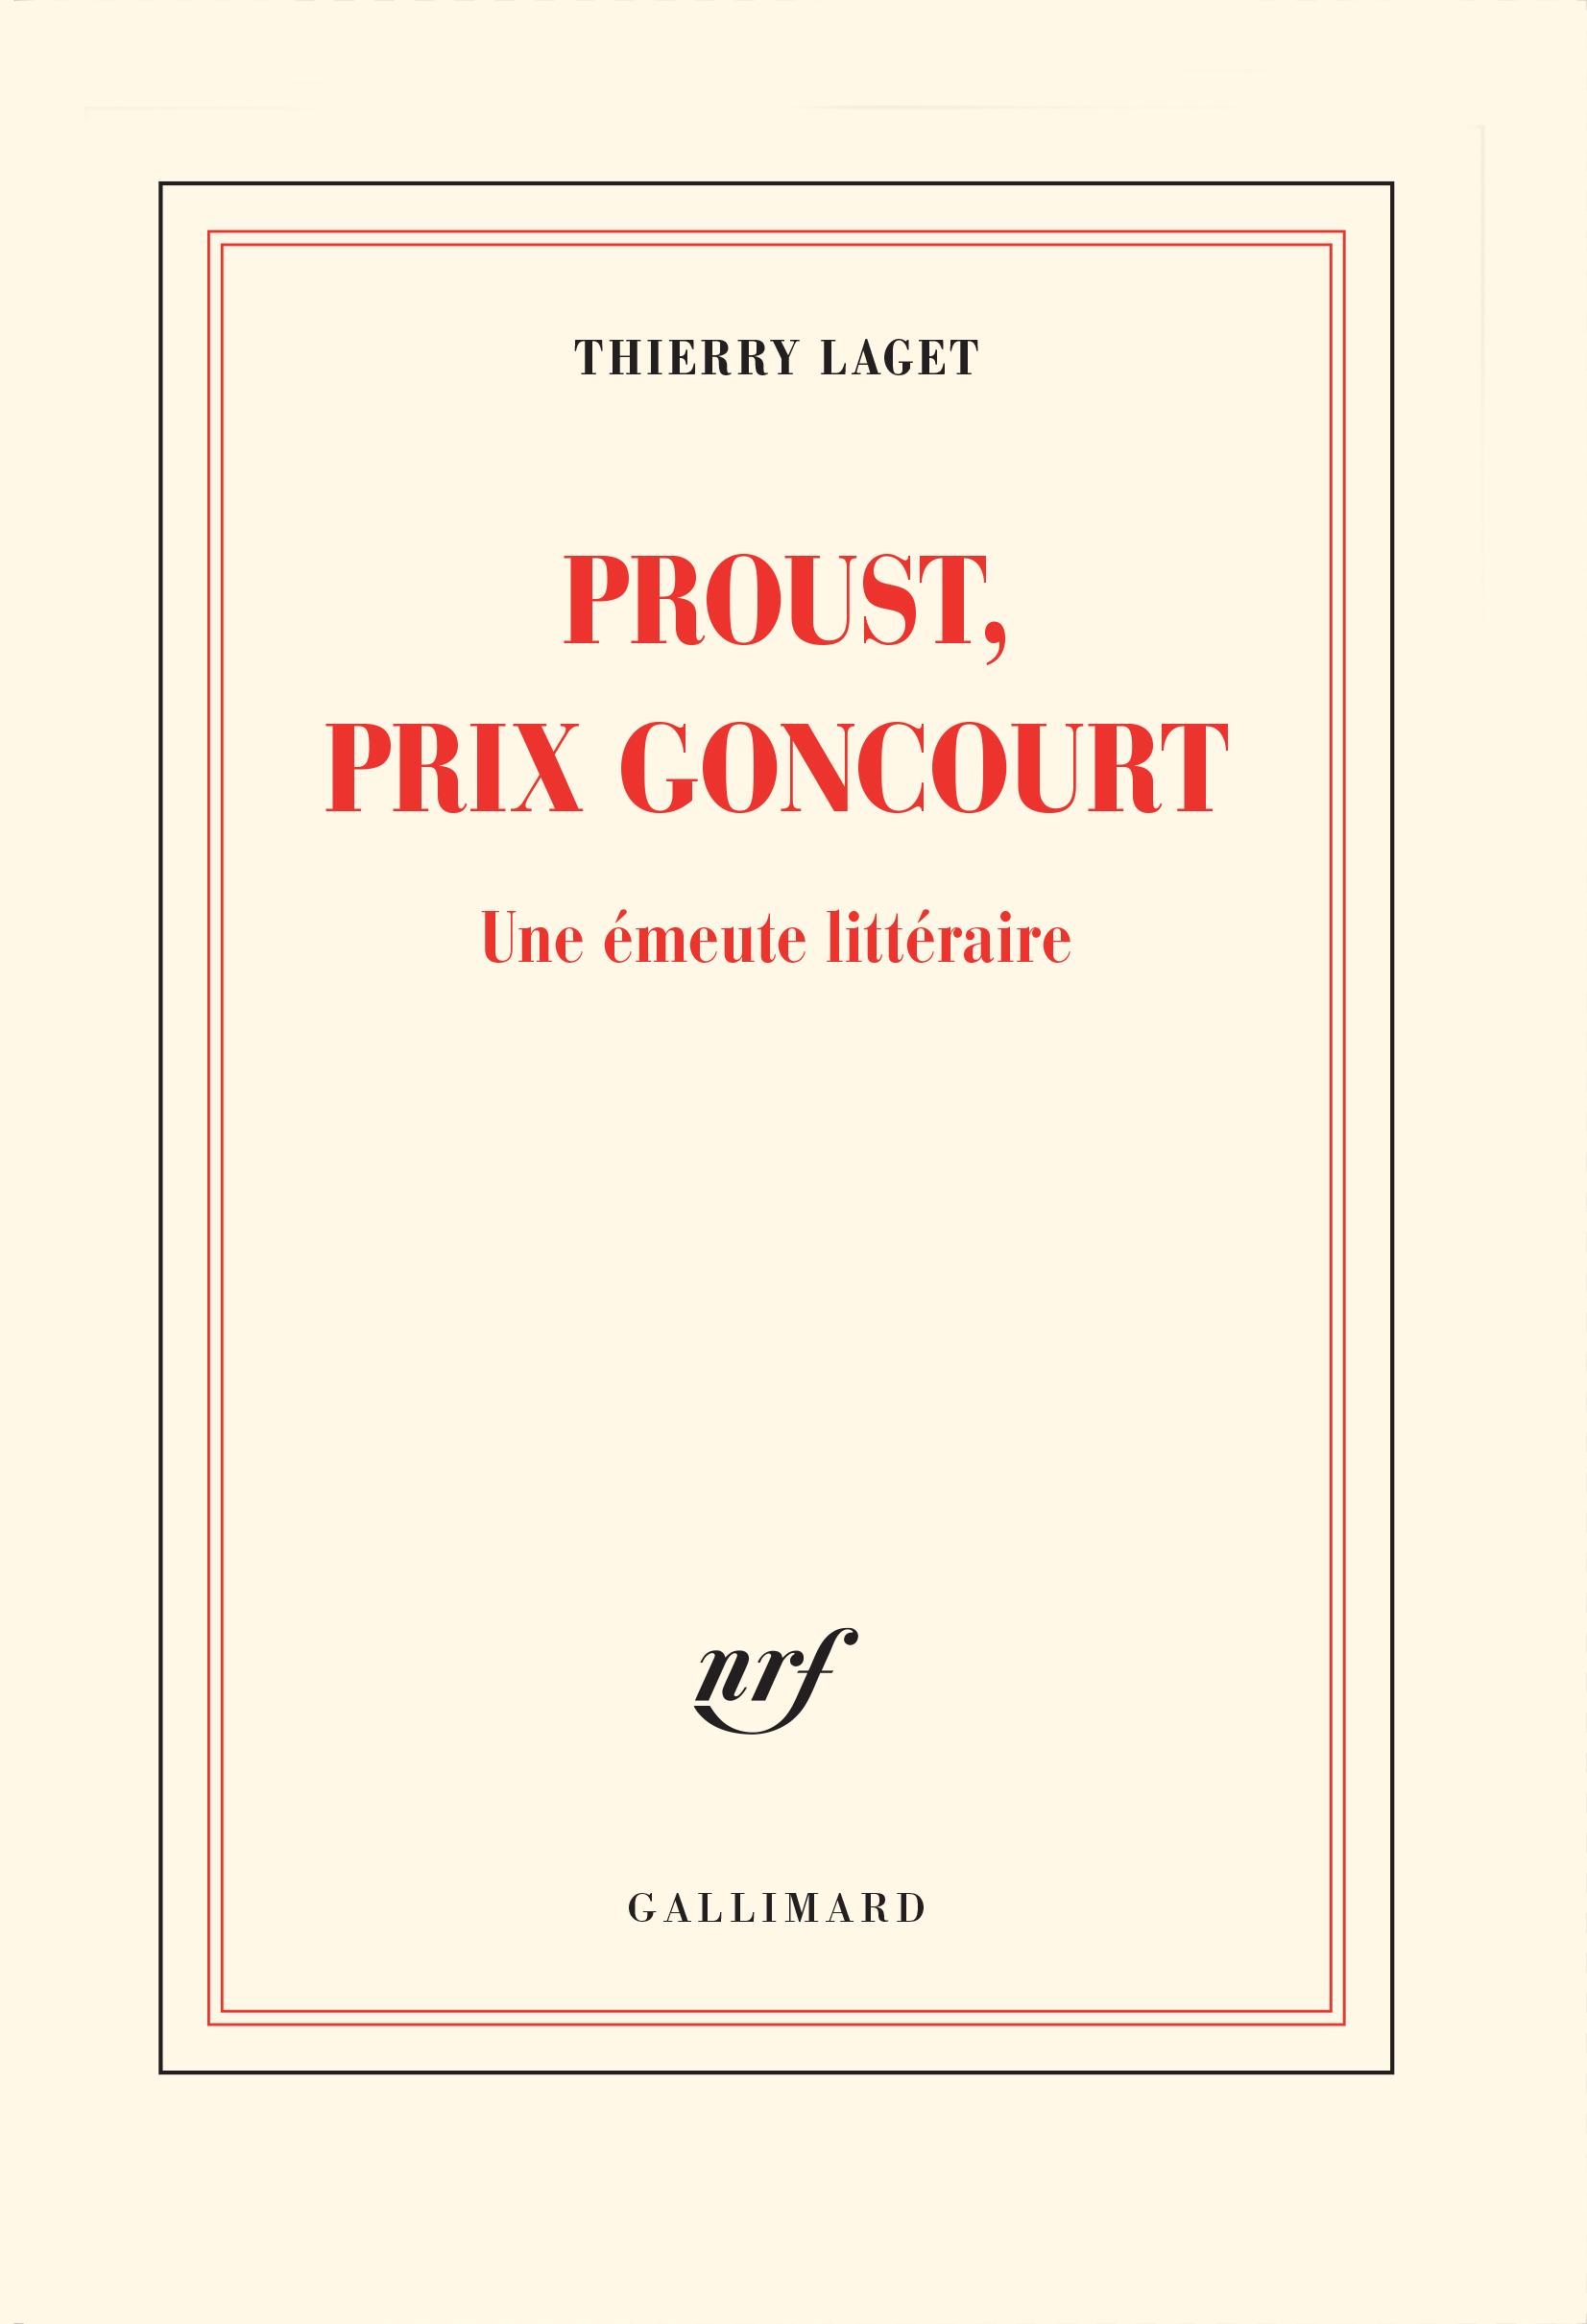 Proust chamboule tout